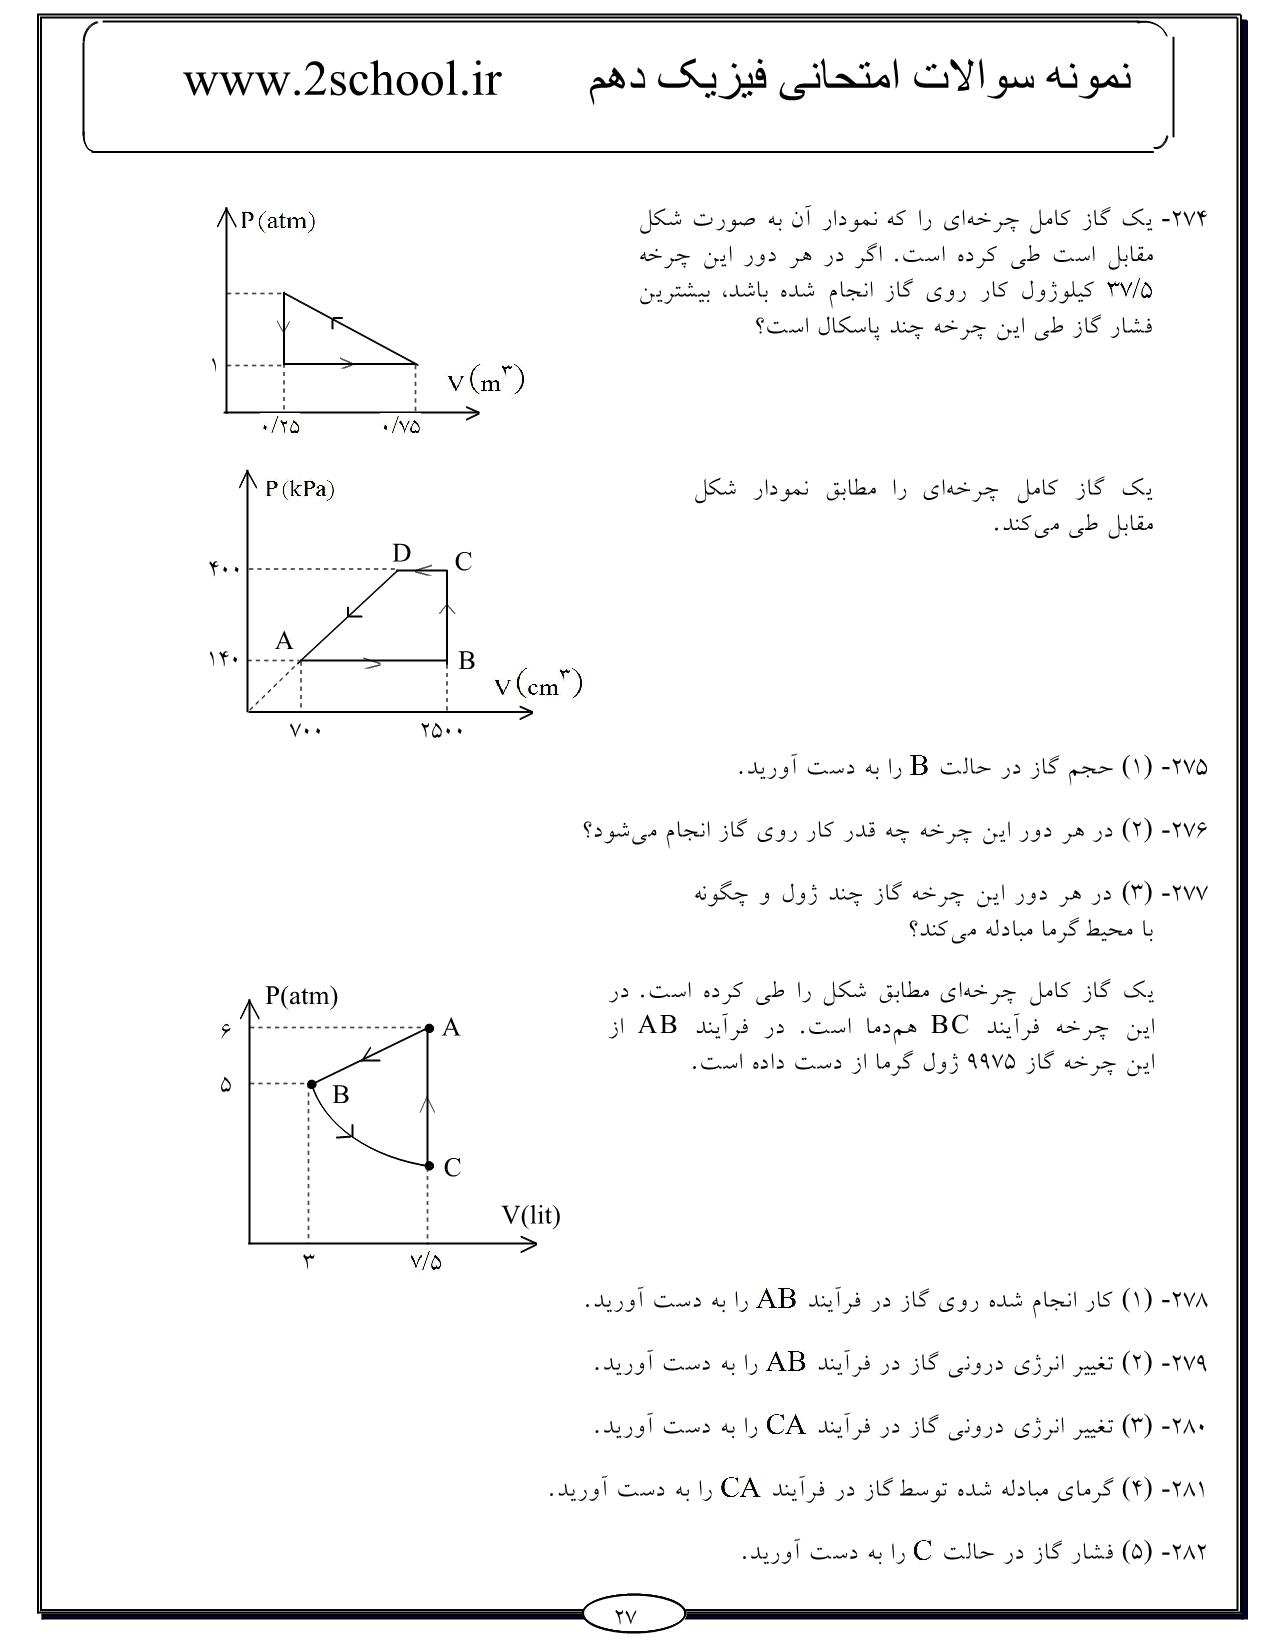 سوالات فیزیک دهم